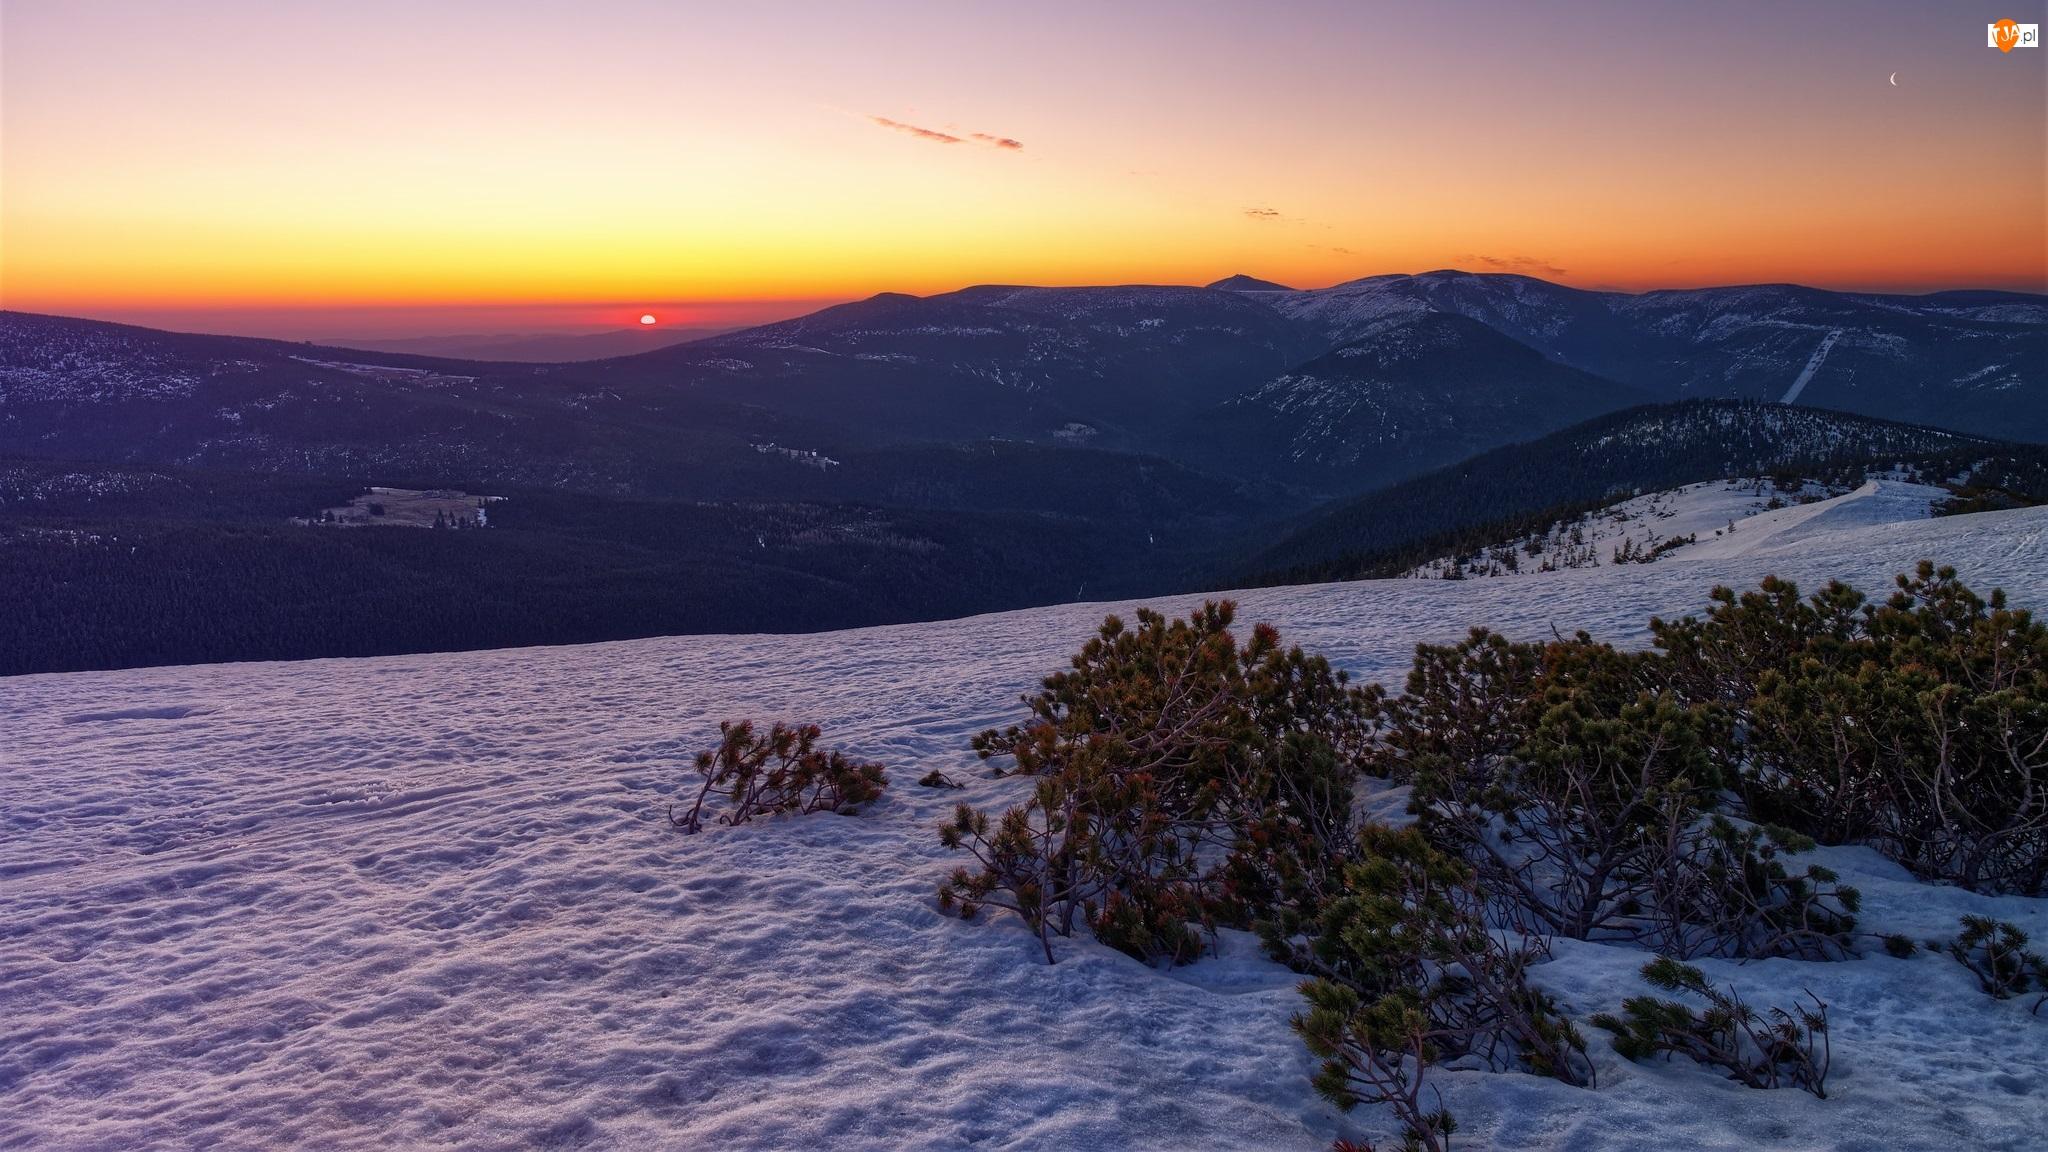 Góry, Karkonosze, Iglaki, Wschód słońca, Krzewy, Zima, Śnieg